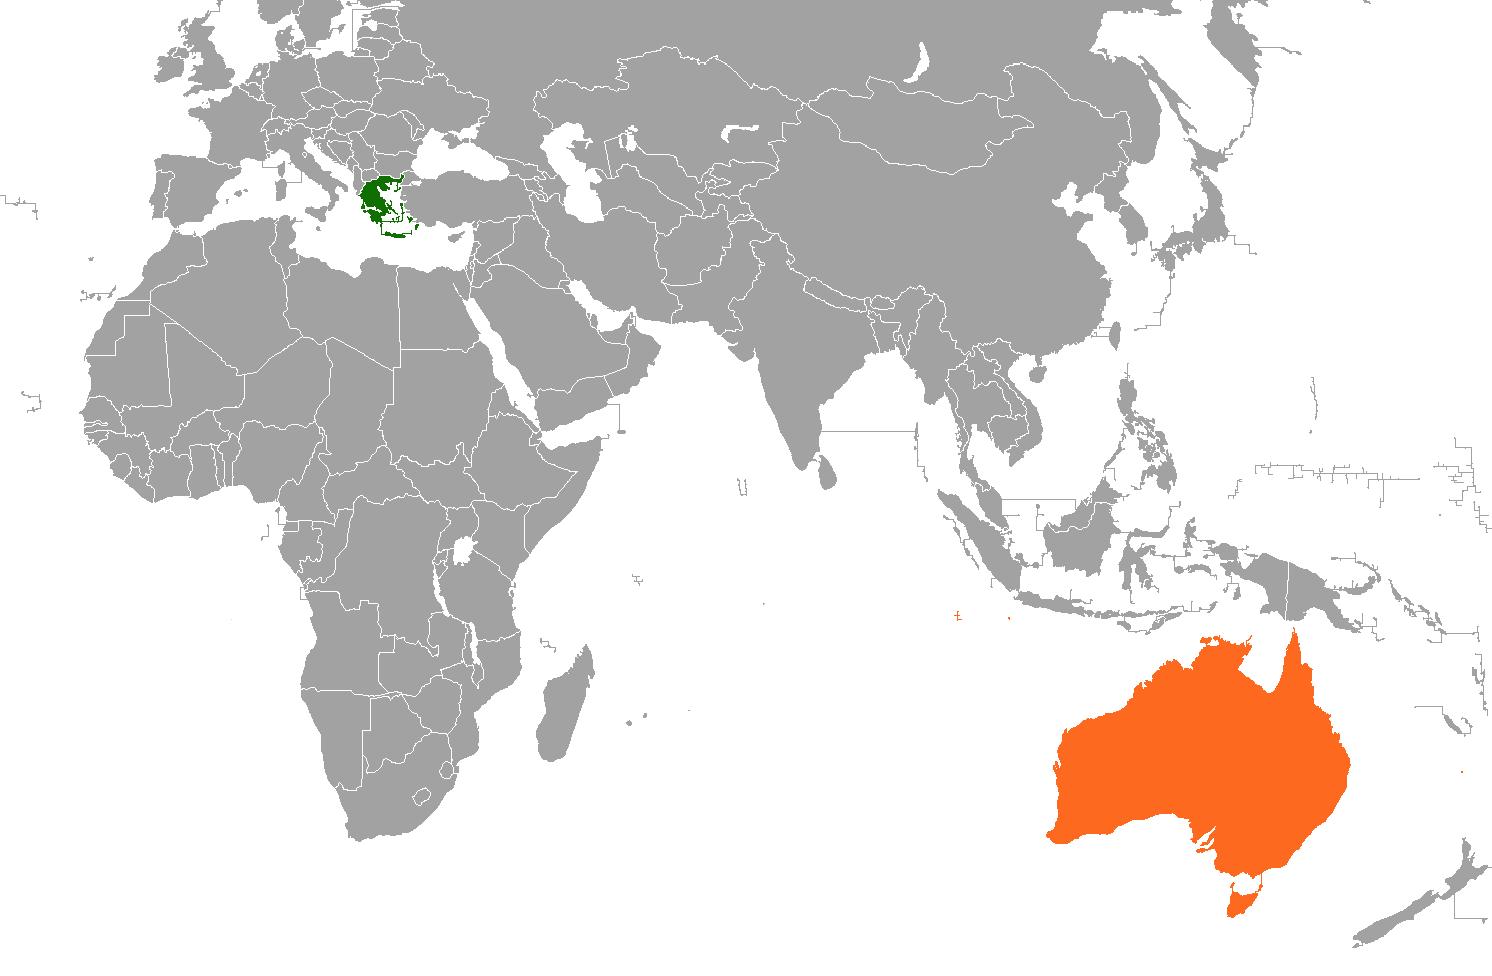 που χρονολογείται από την Αυστραλία